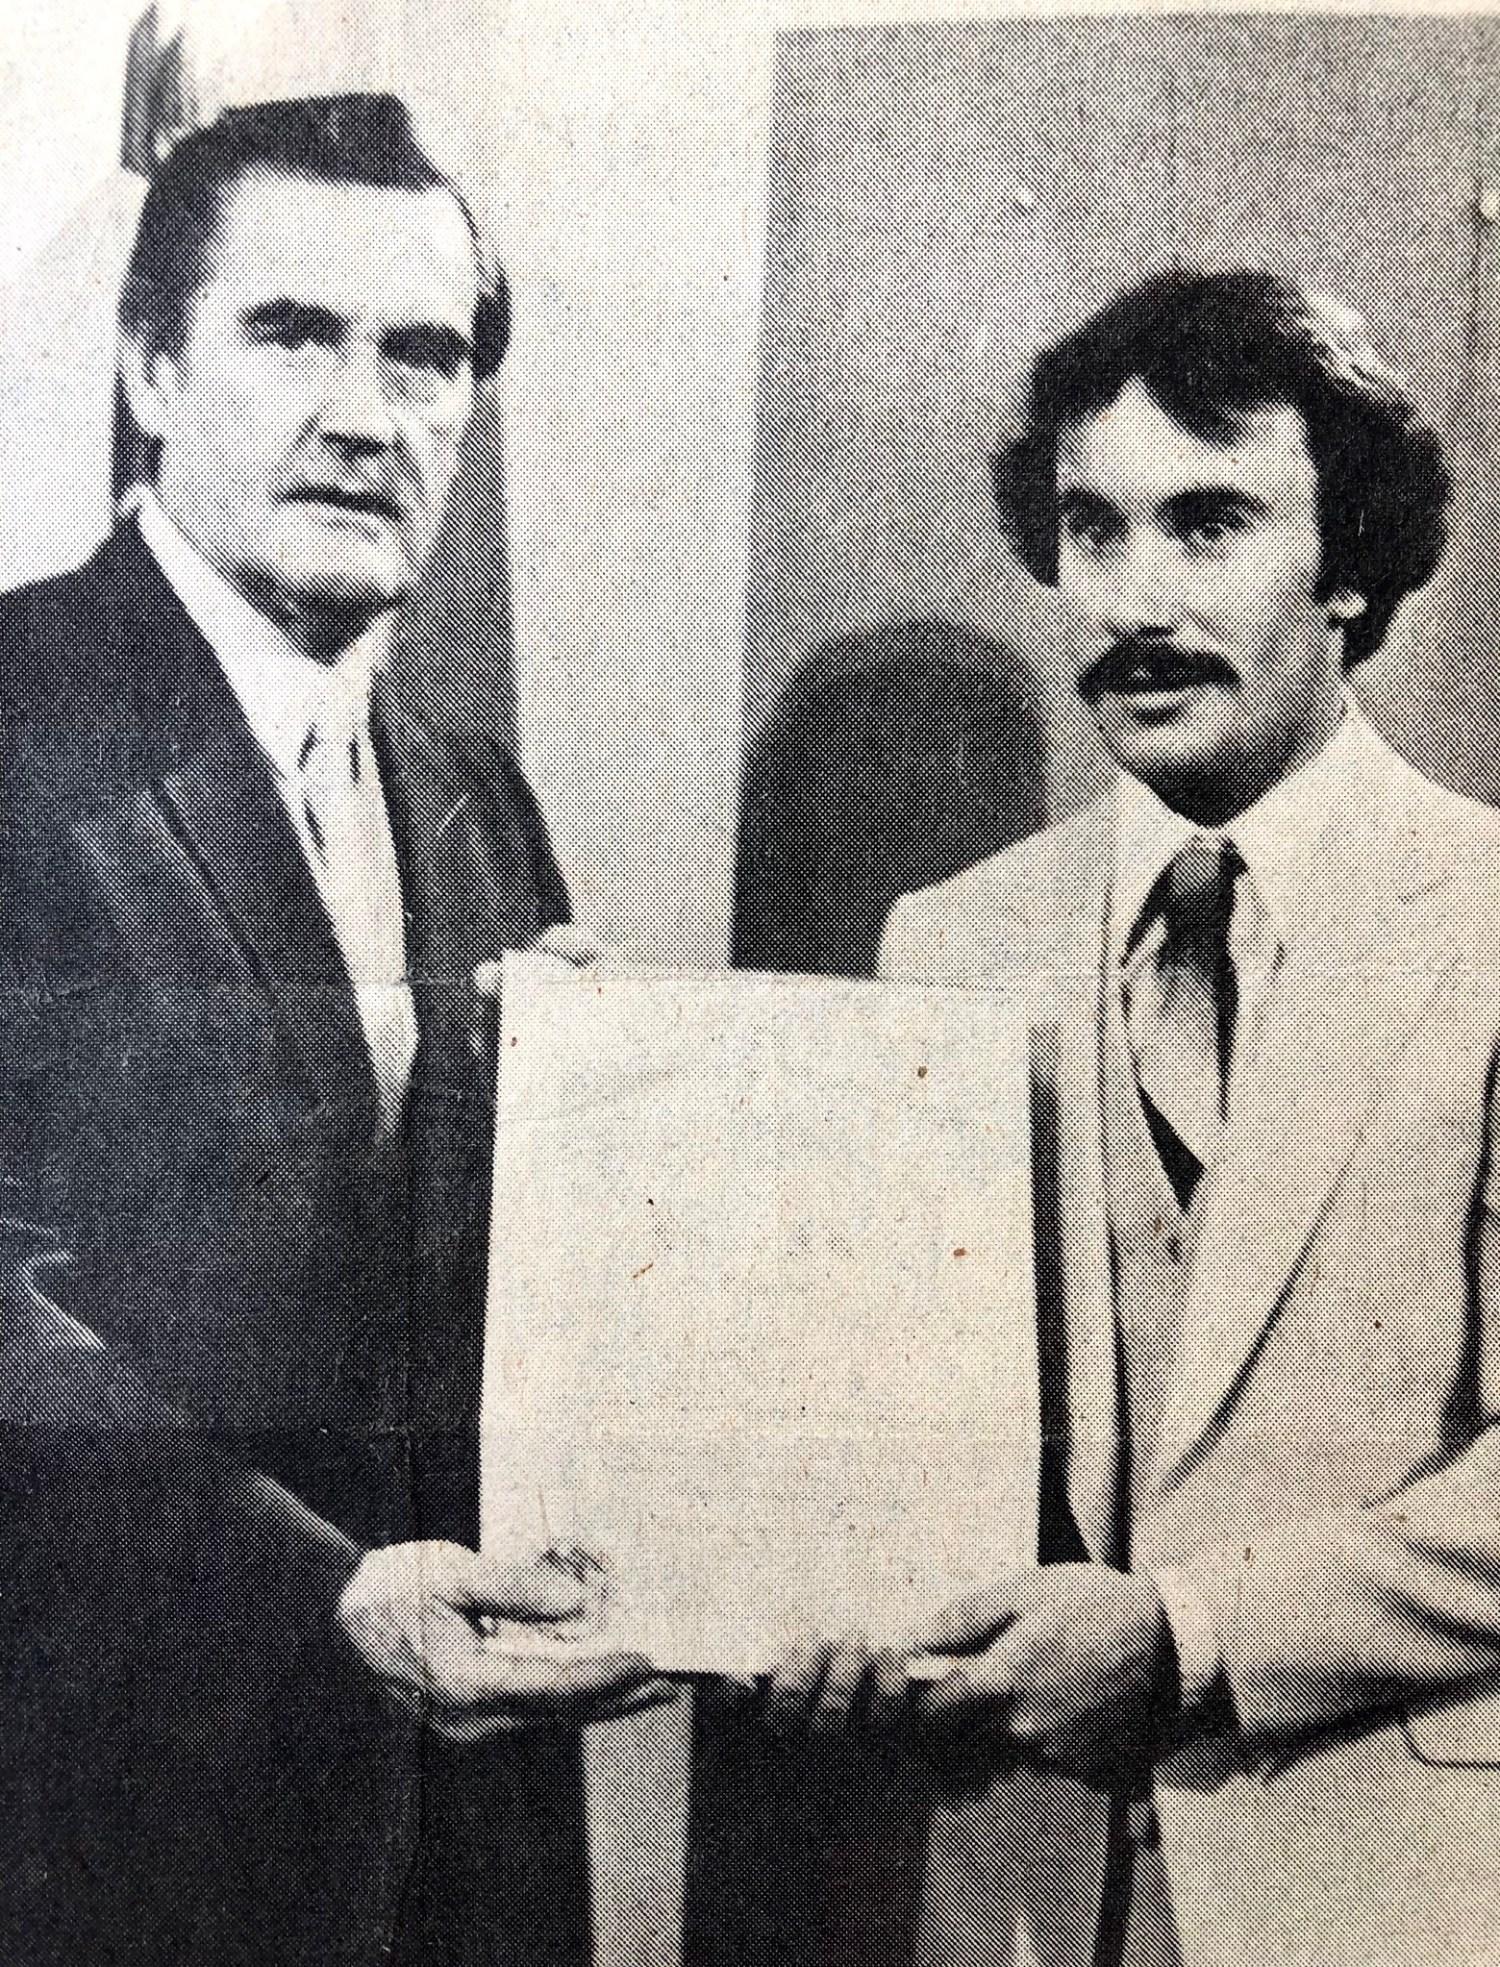 Gov. King and Donahue